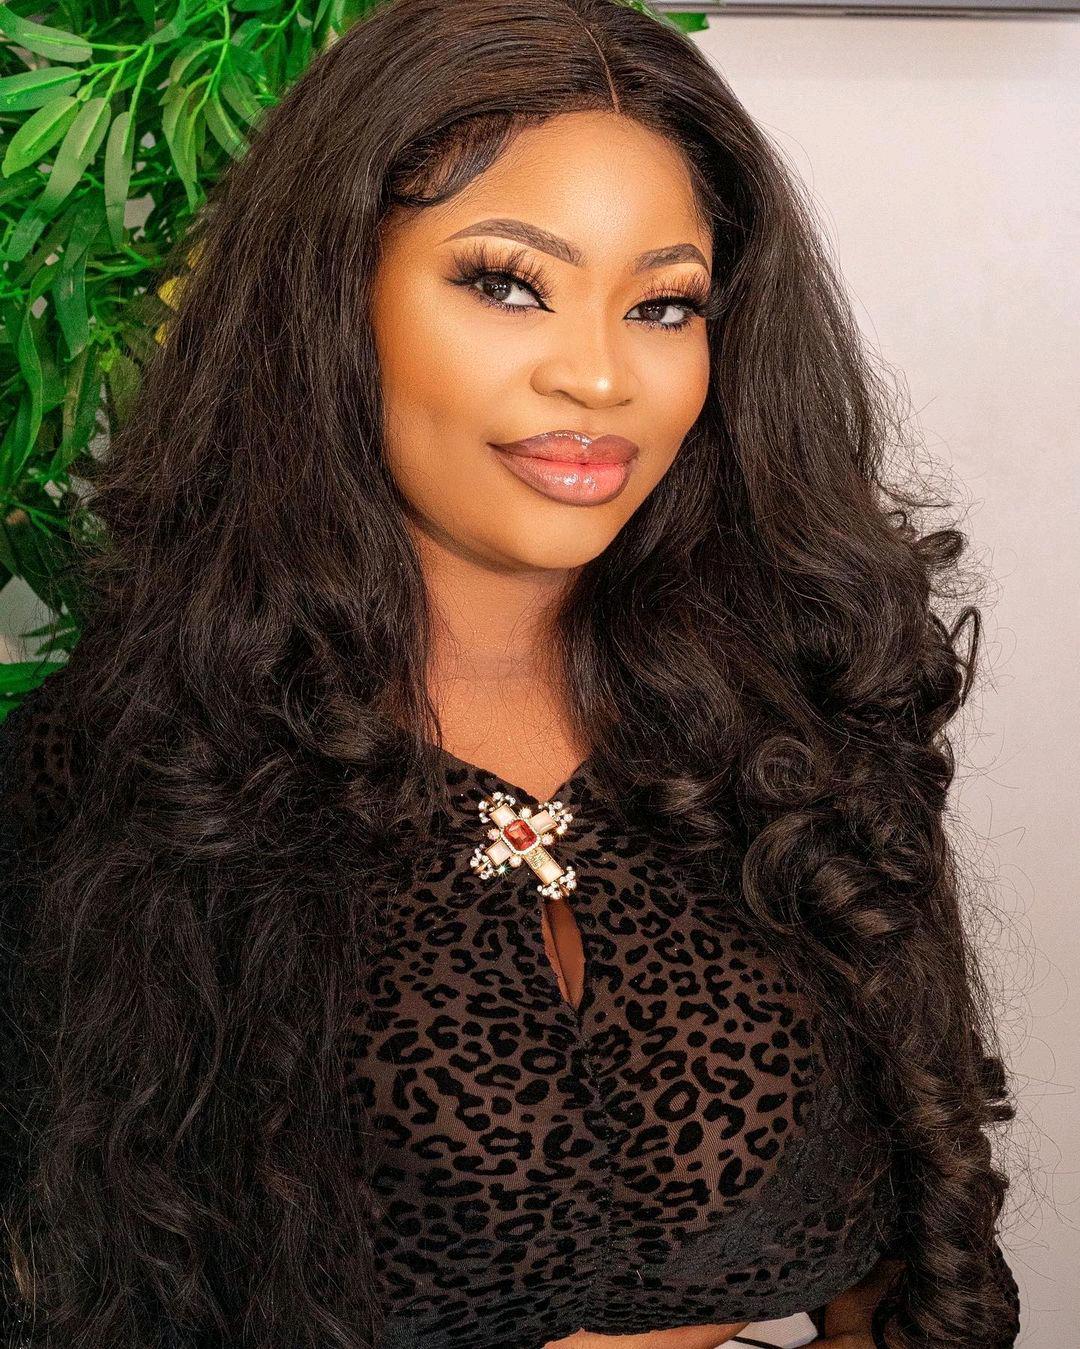 Roman goddess nigerian actress